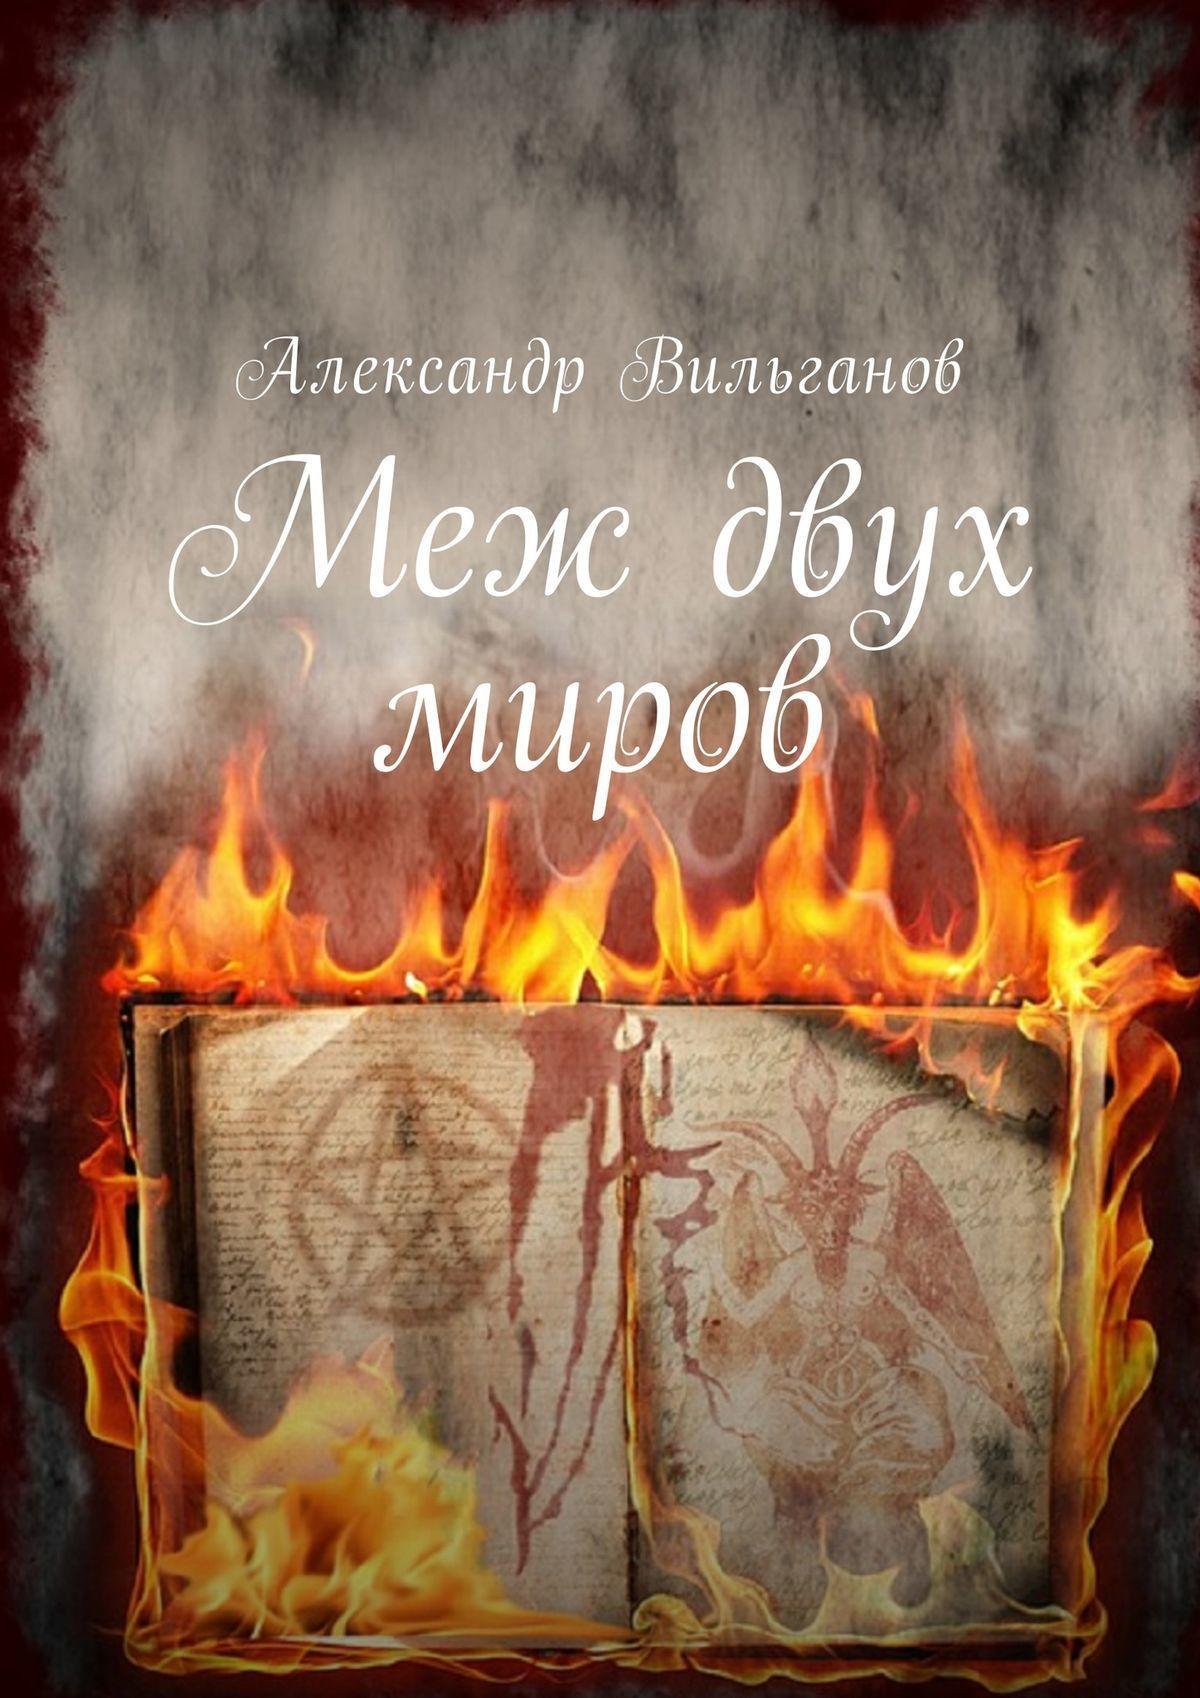 Александр Сергеевич Вильганов Меж двух миров мария жукова гладкова одна женщина и много мужчин